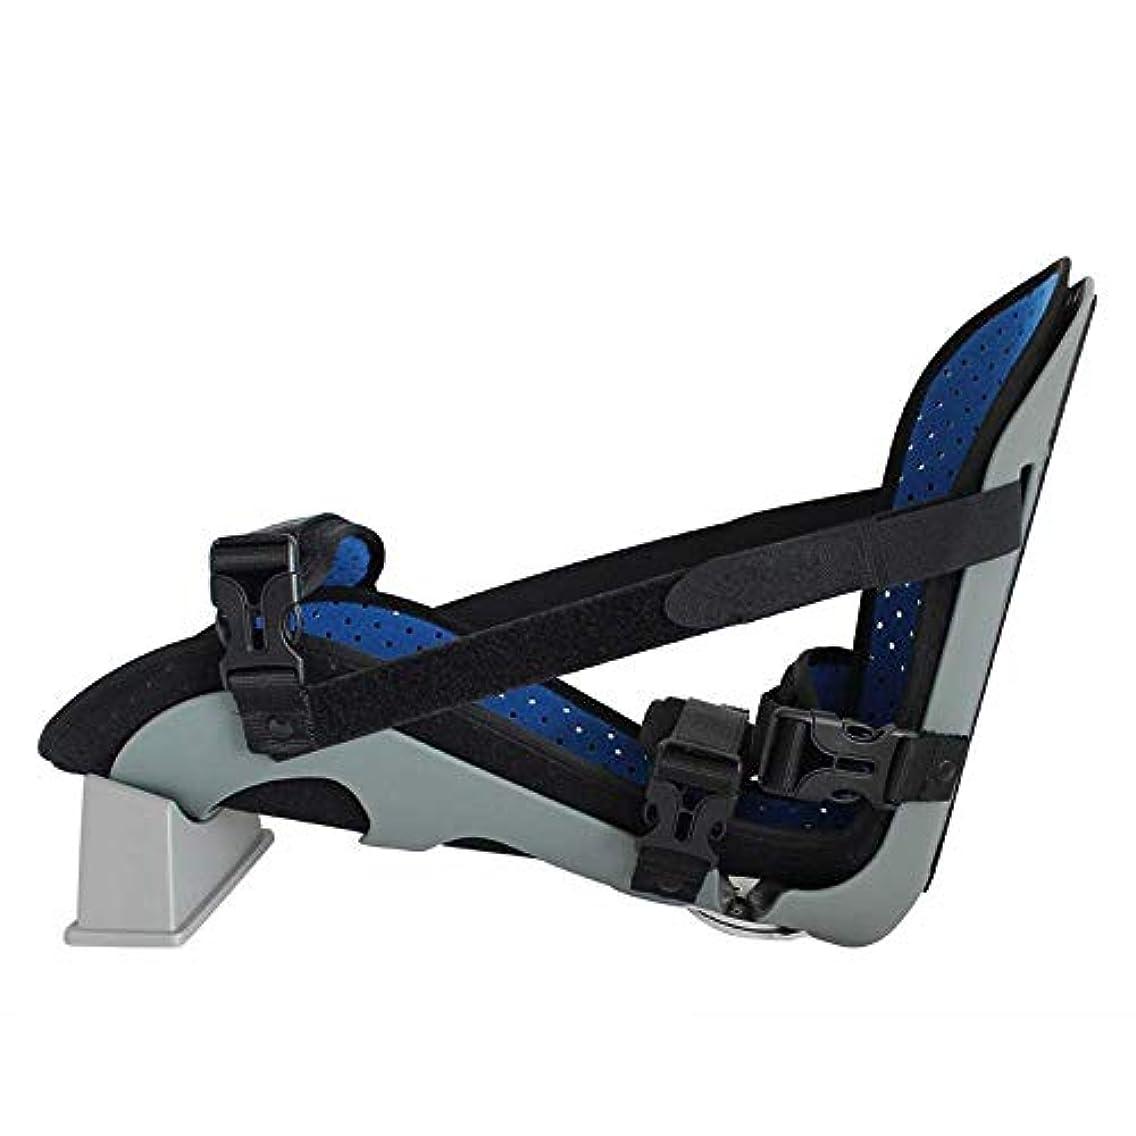 足首サポートブレースフットドロップ副木ガード捻挫装具骨折足首装具応急処置足底筋膜炎かかとの痛み